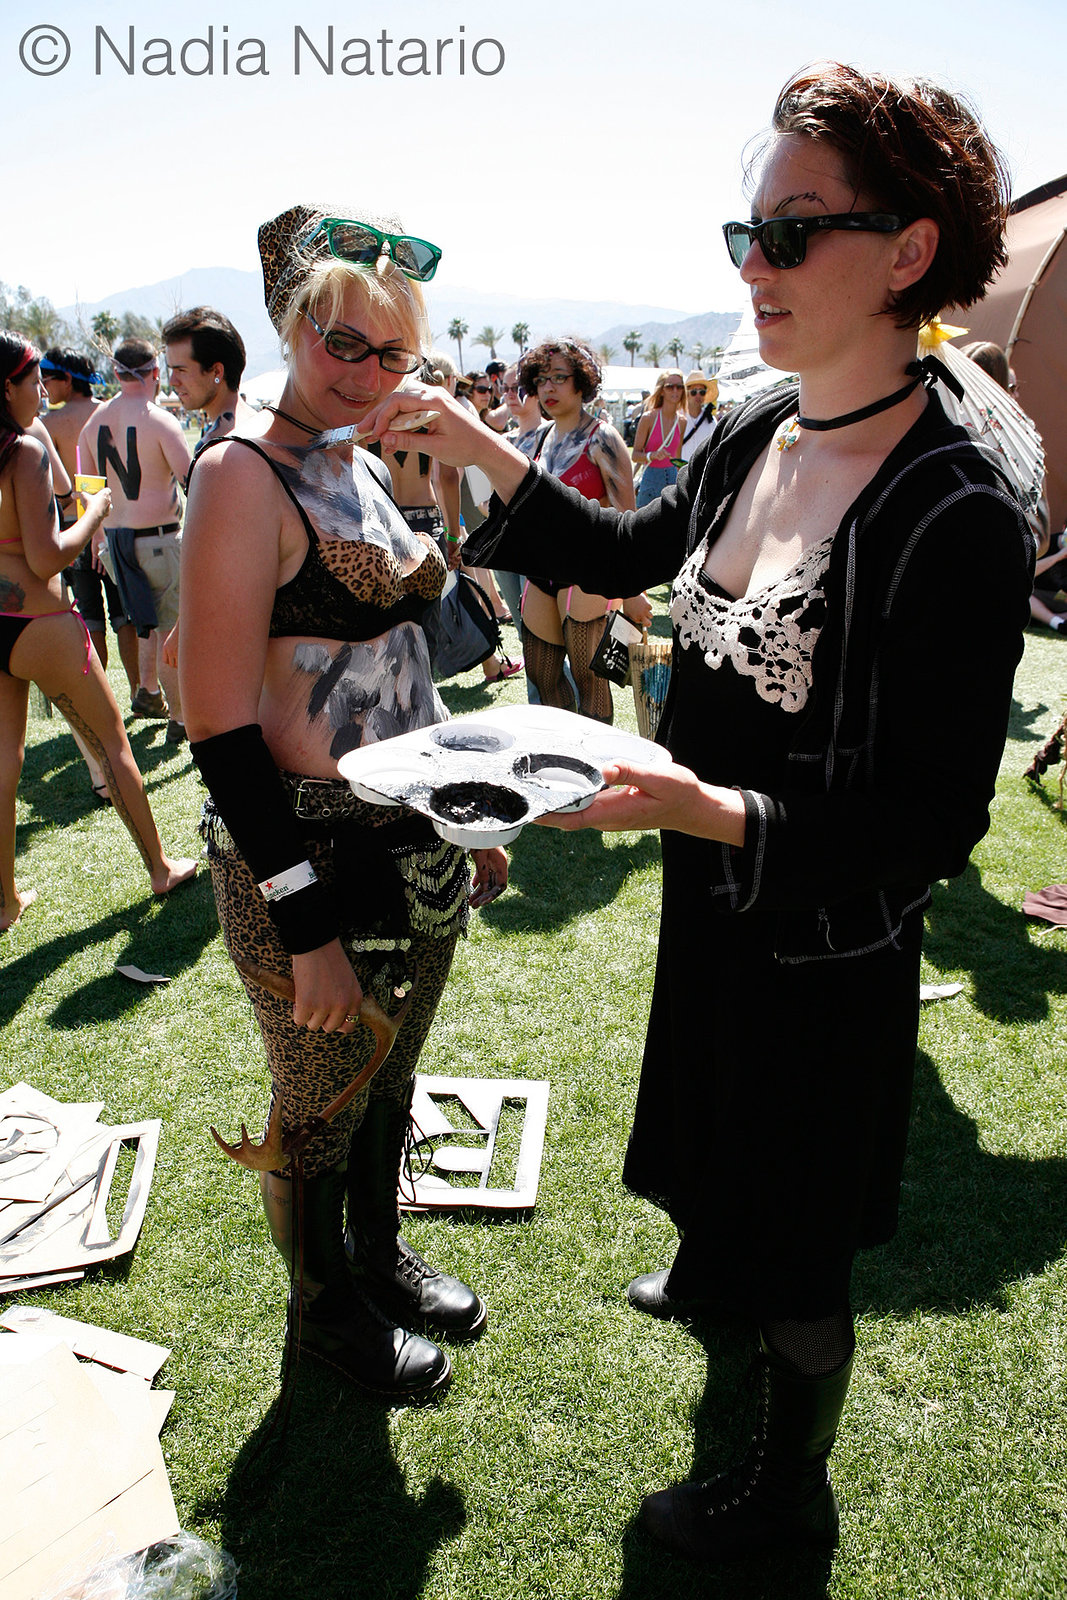 Amanda Palmer at Coachella 2009